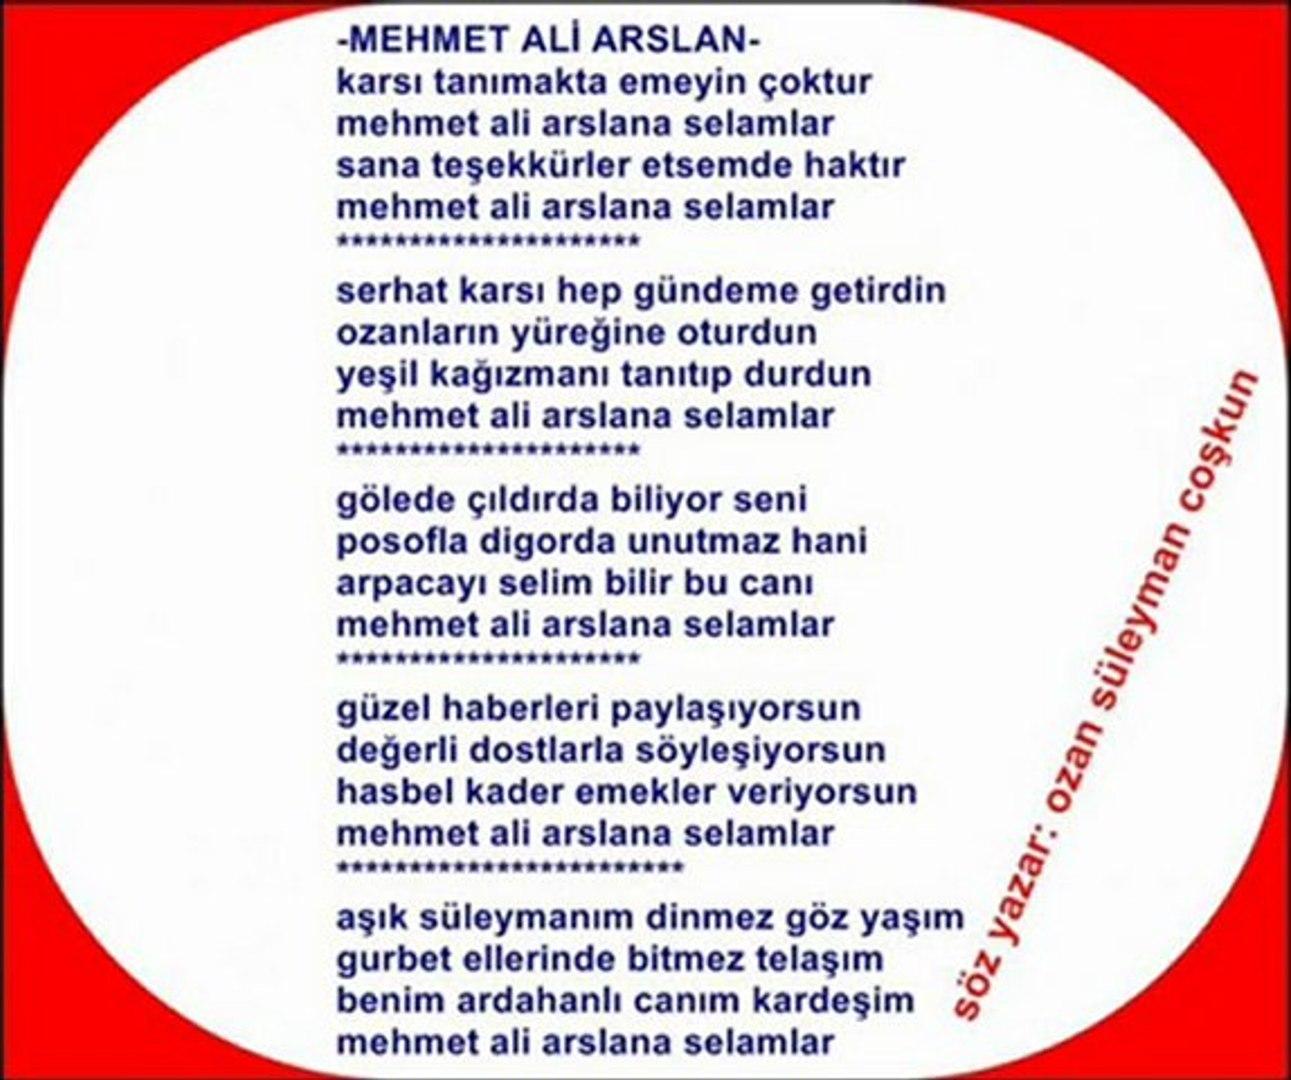 YAZAR ve OZAN : Ozan süleyman COŞKUN - MEHMET ALİ ARSLAN için Yazdı -  Dailymotion Video